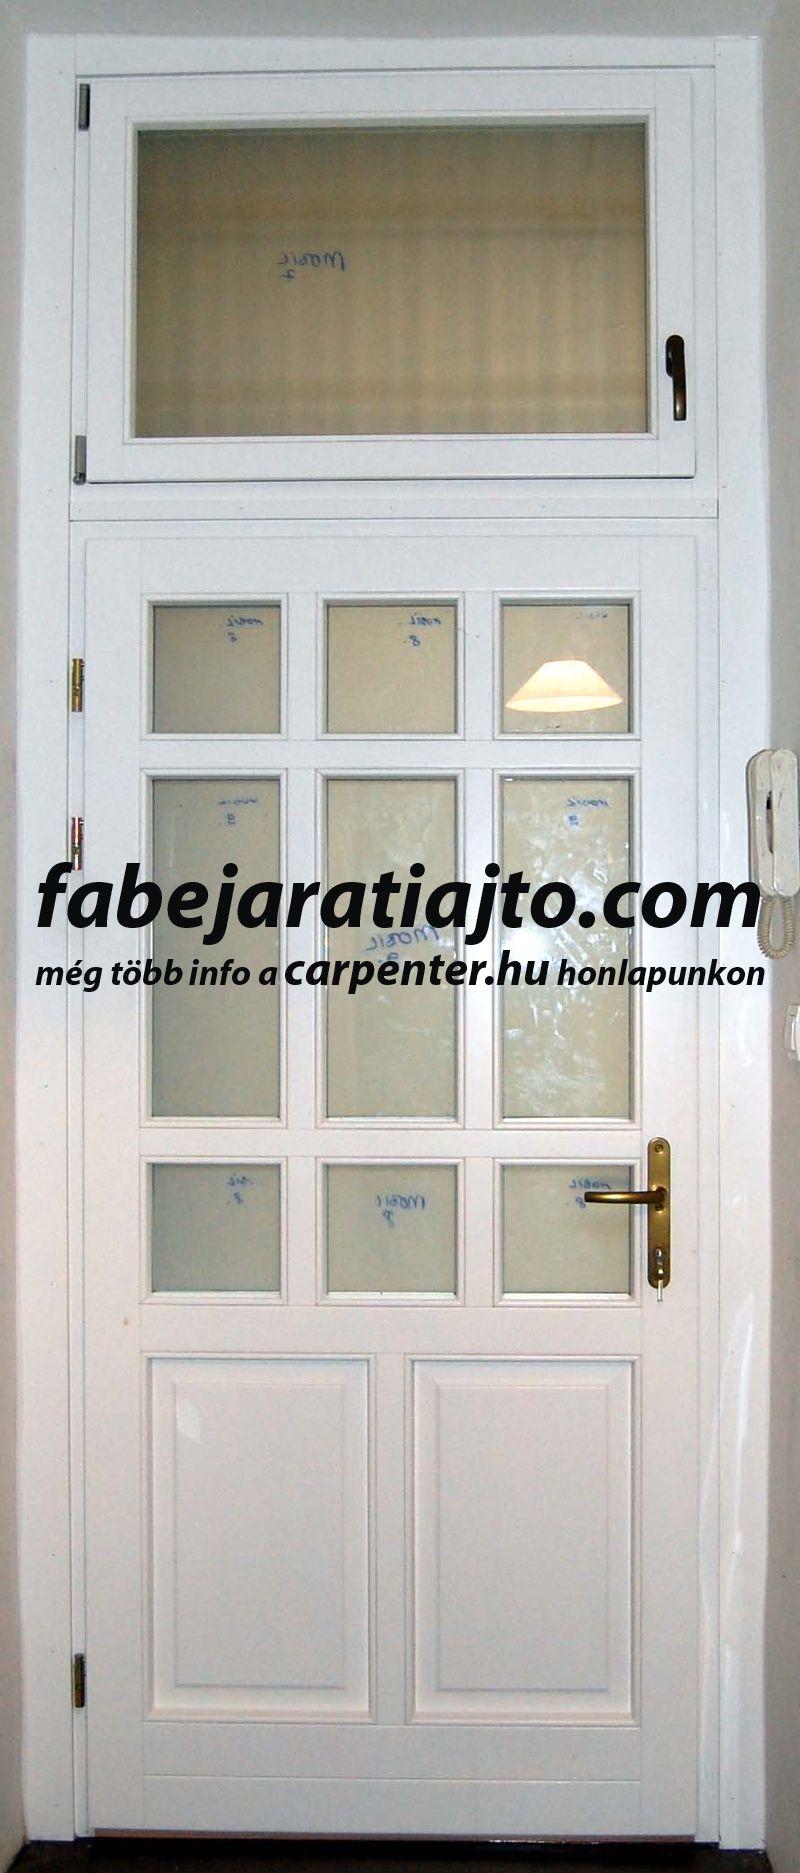 valódi osztós, tokráépítéses bejárati ajtó